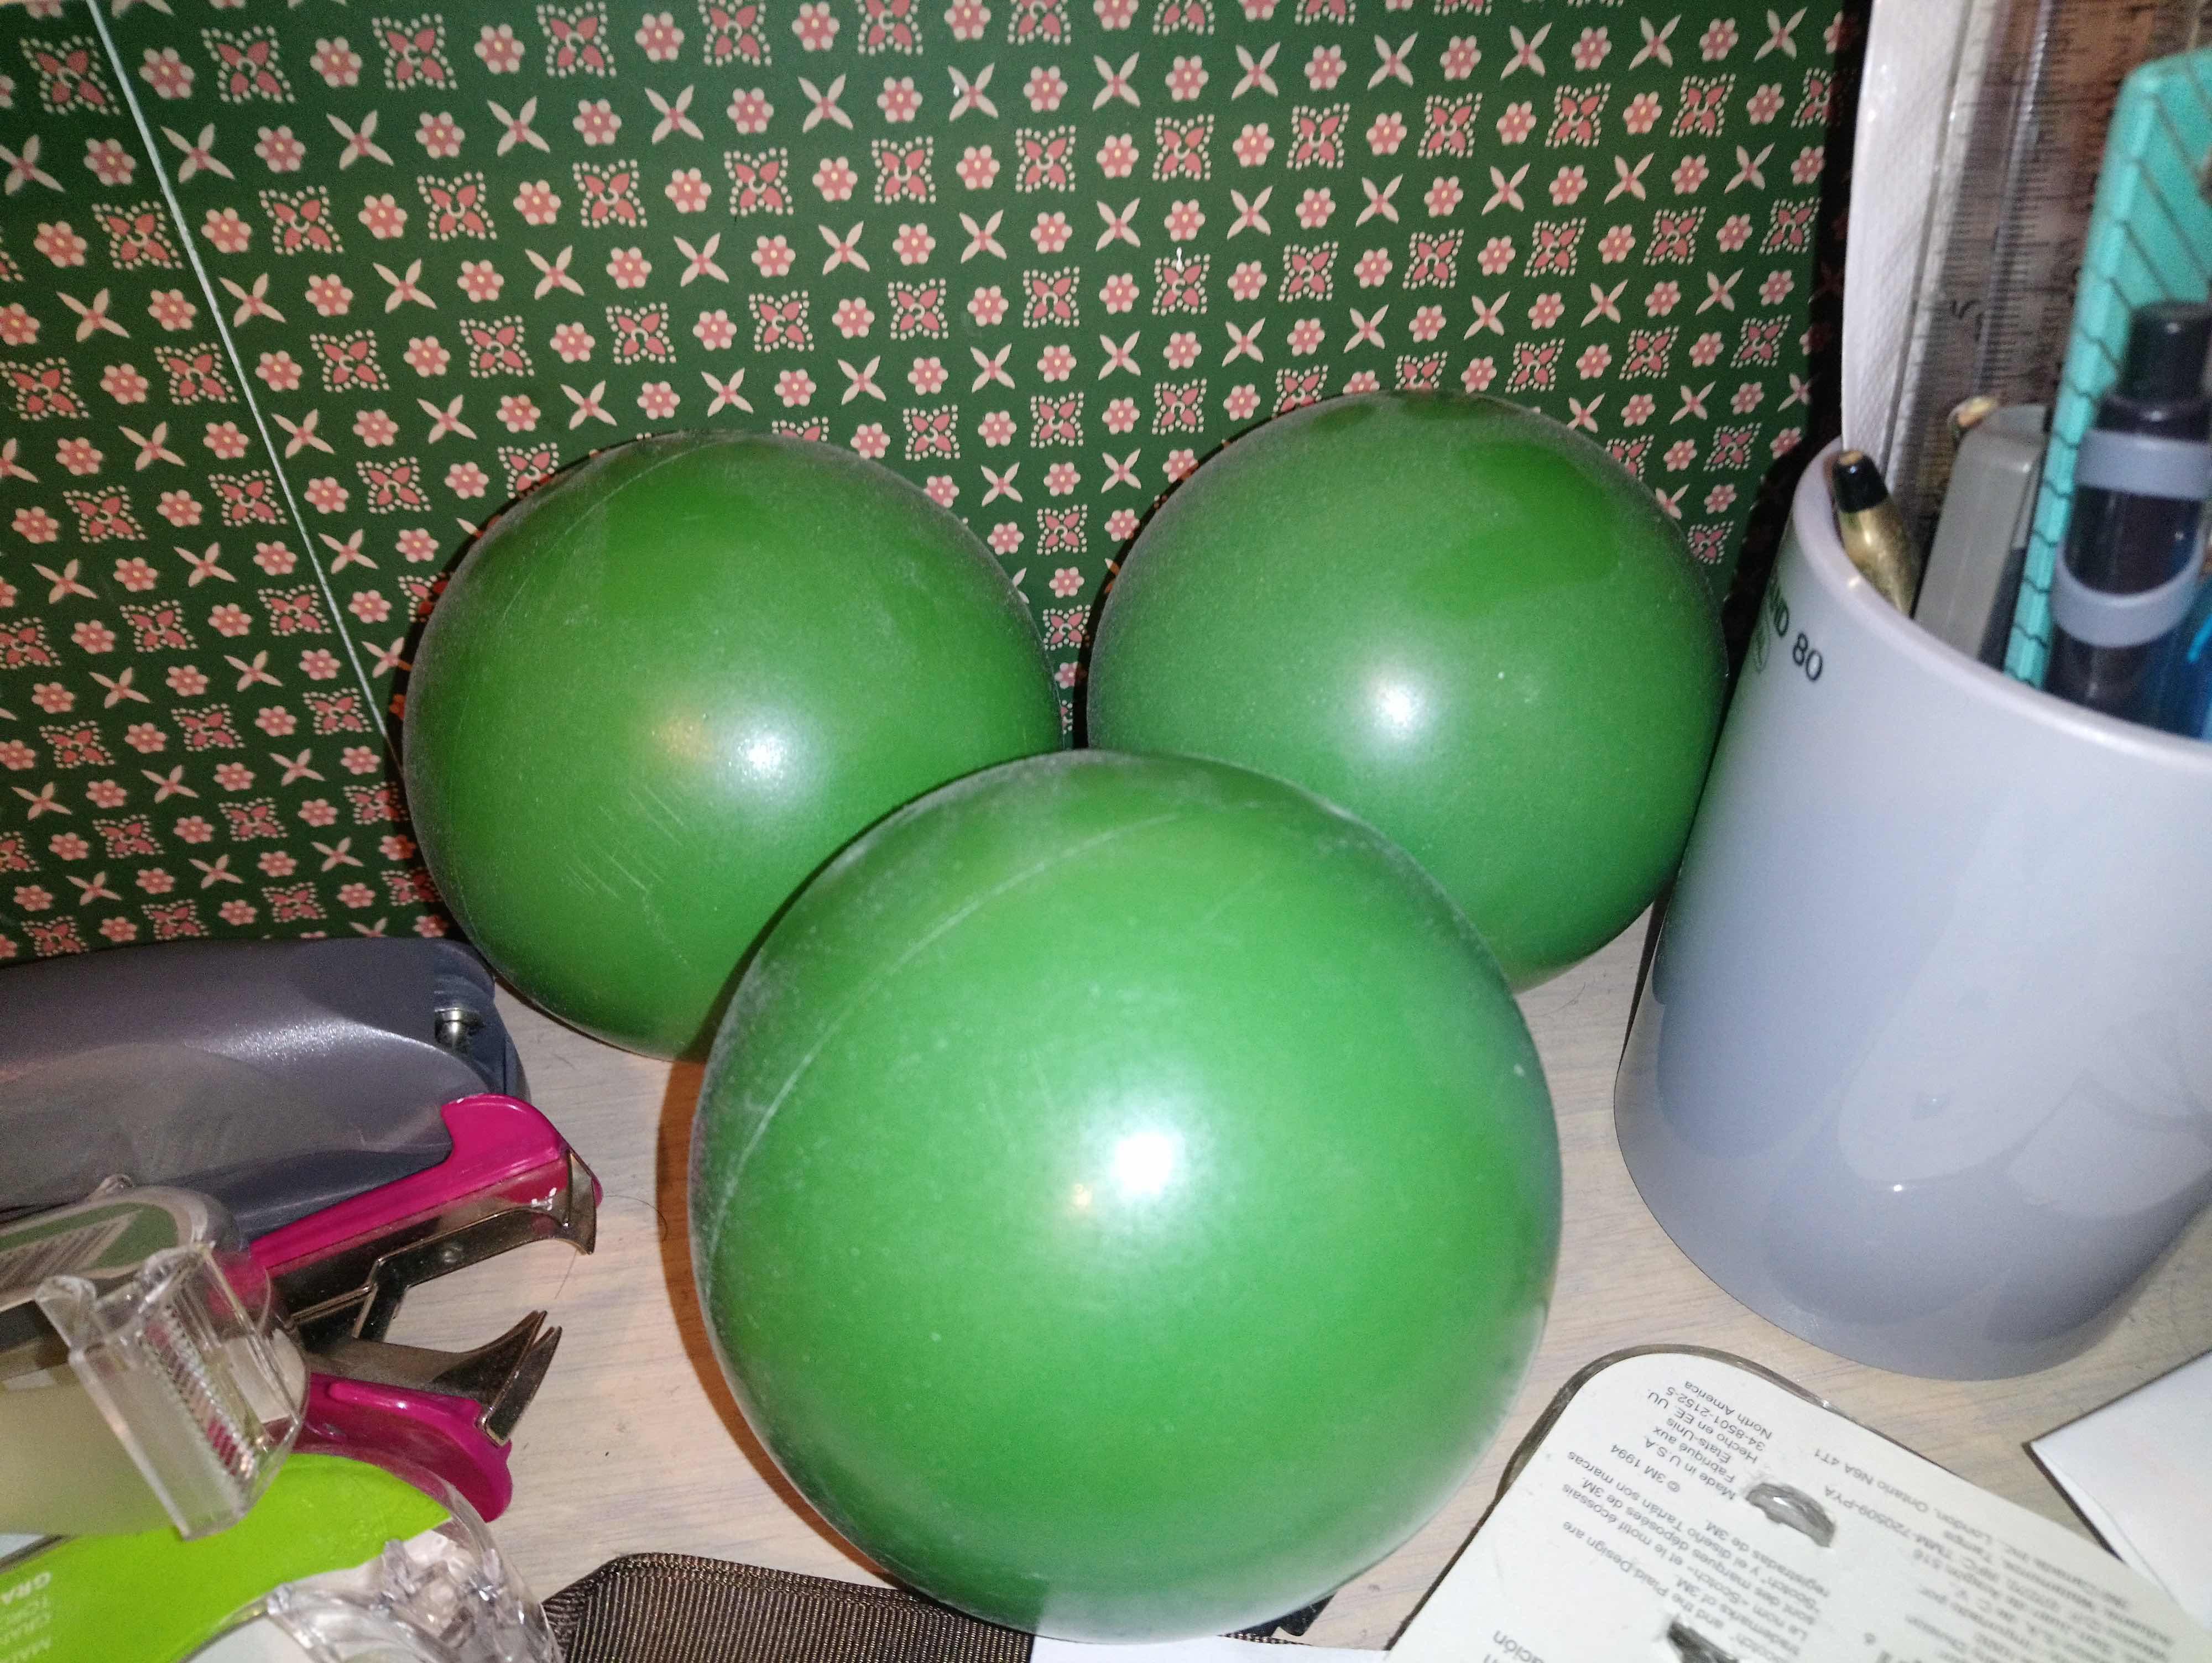 Green Balls from Play | Alexander Ekman & Ballet de l'Opéra de Paris | Palais Garnier 2017